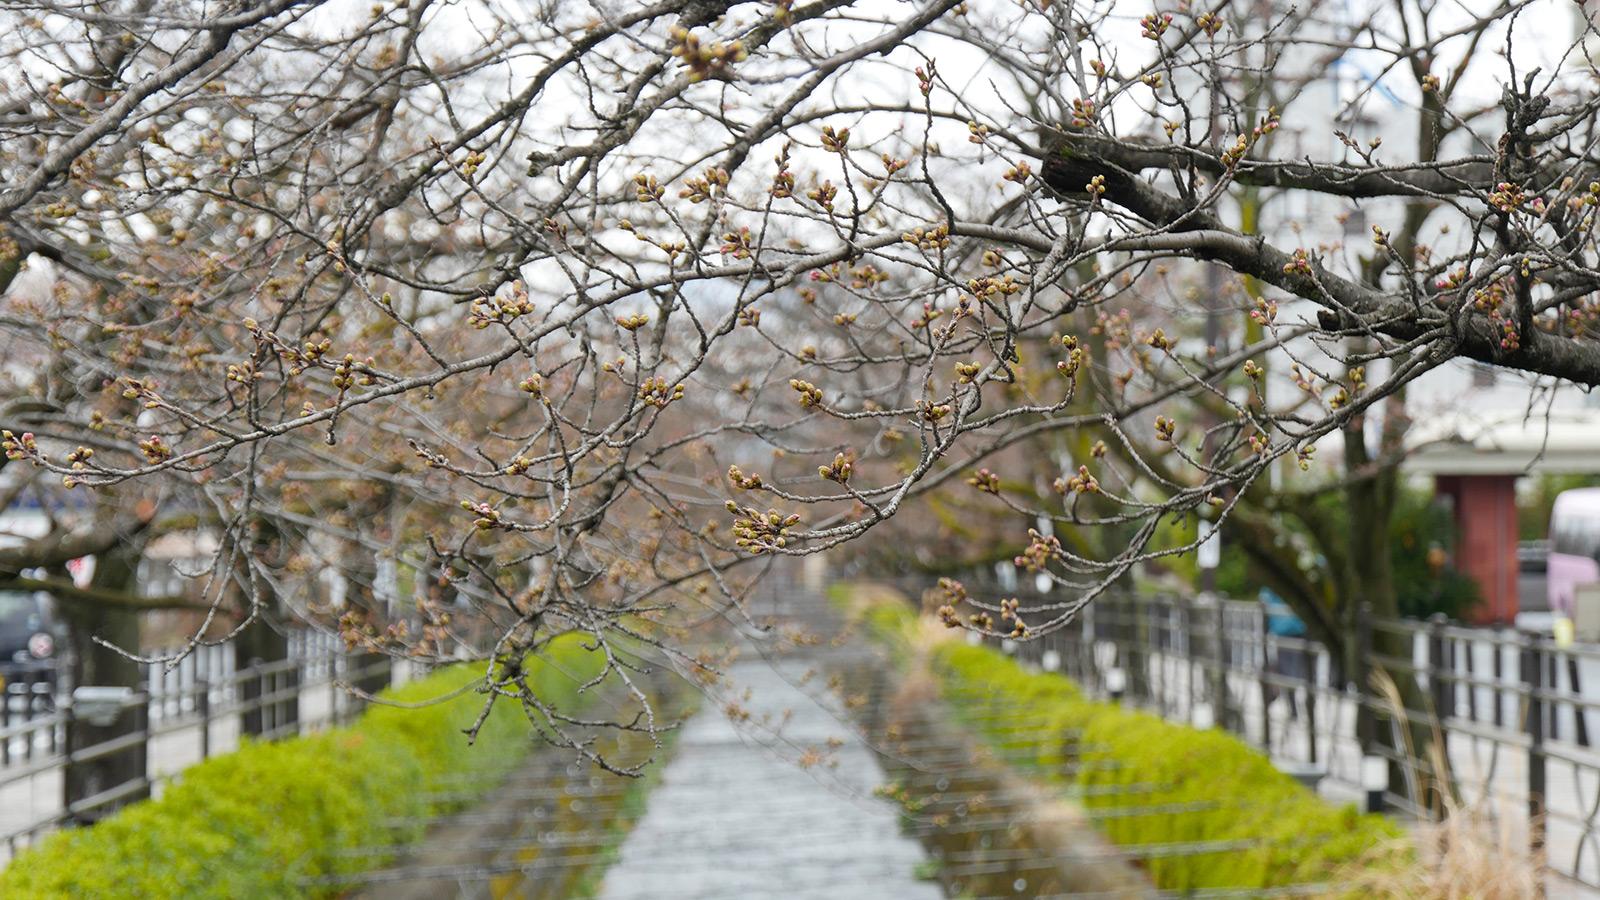 ここからは、さくら温泉通り東側辺りです。いで湯桜よりは、ほんの少し遅れている感じですね。